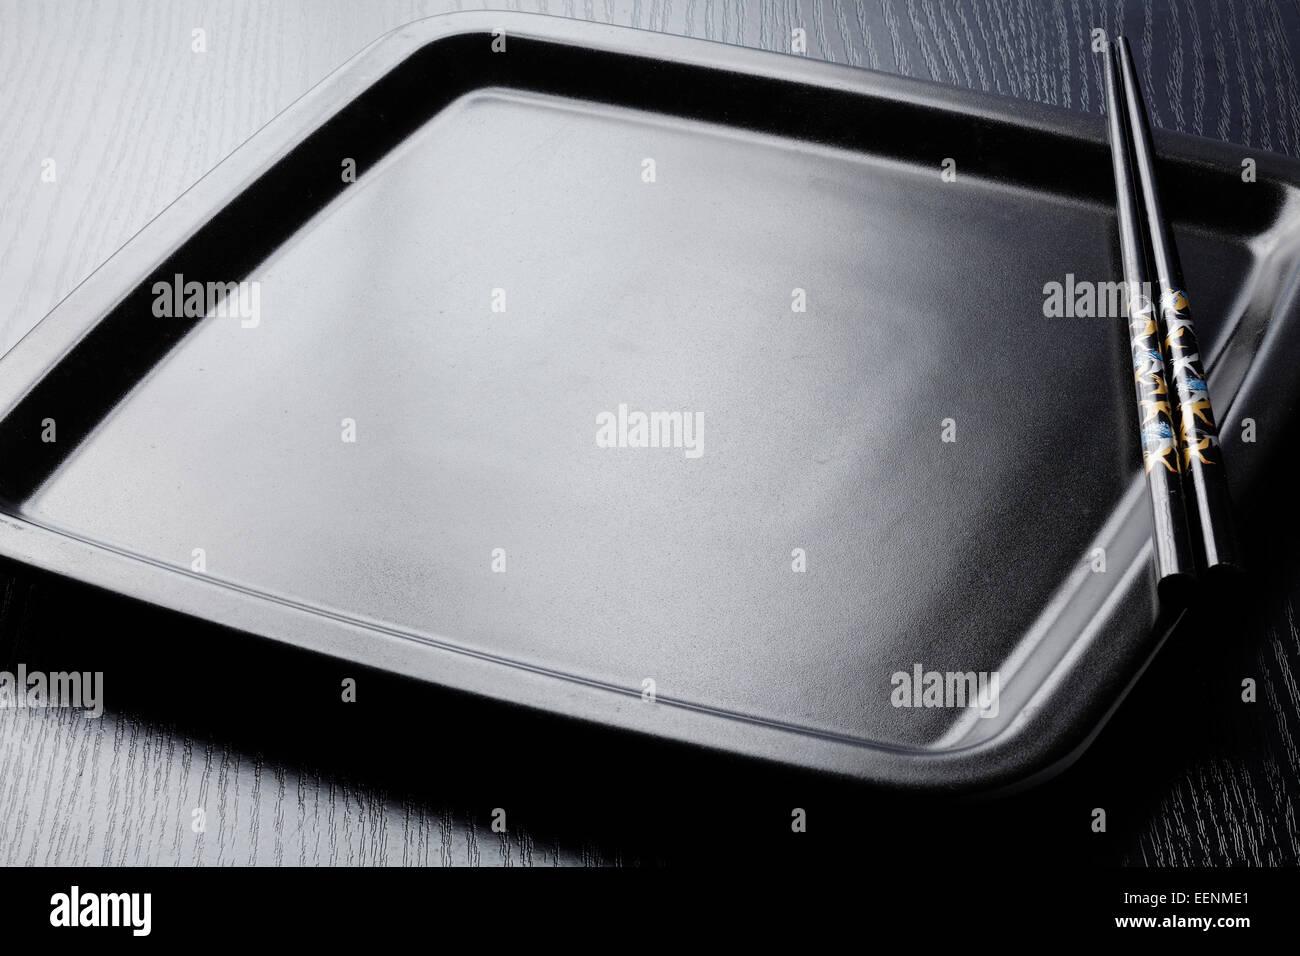 Plaque noir sur noir avec des baguettes en bois noir Photo Stock